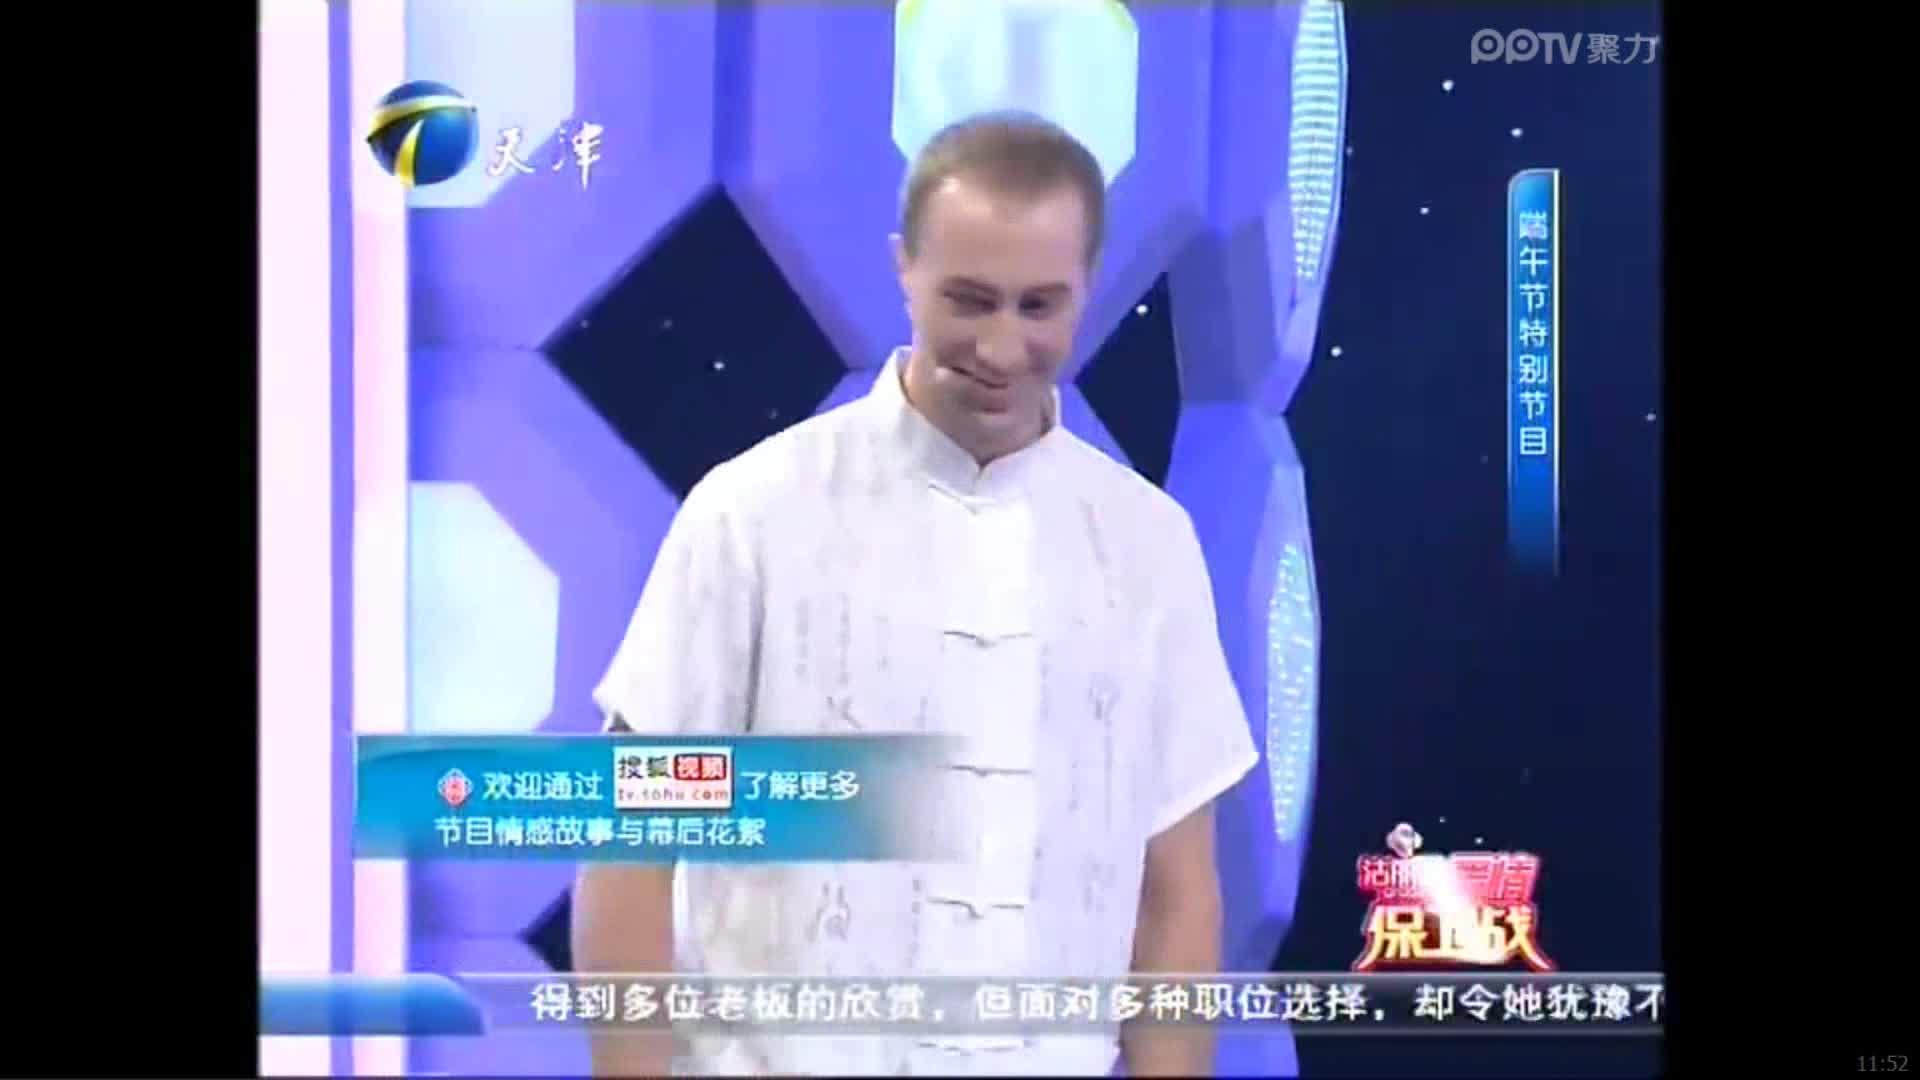 俄罗斯夫妻现场表演节目,男的表演武术七星螳螂拳,女生跳舞